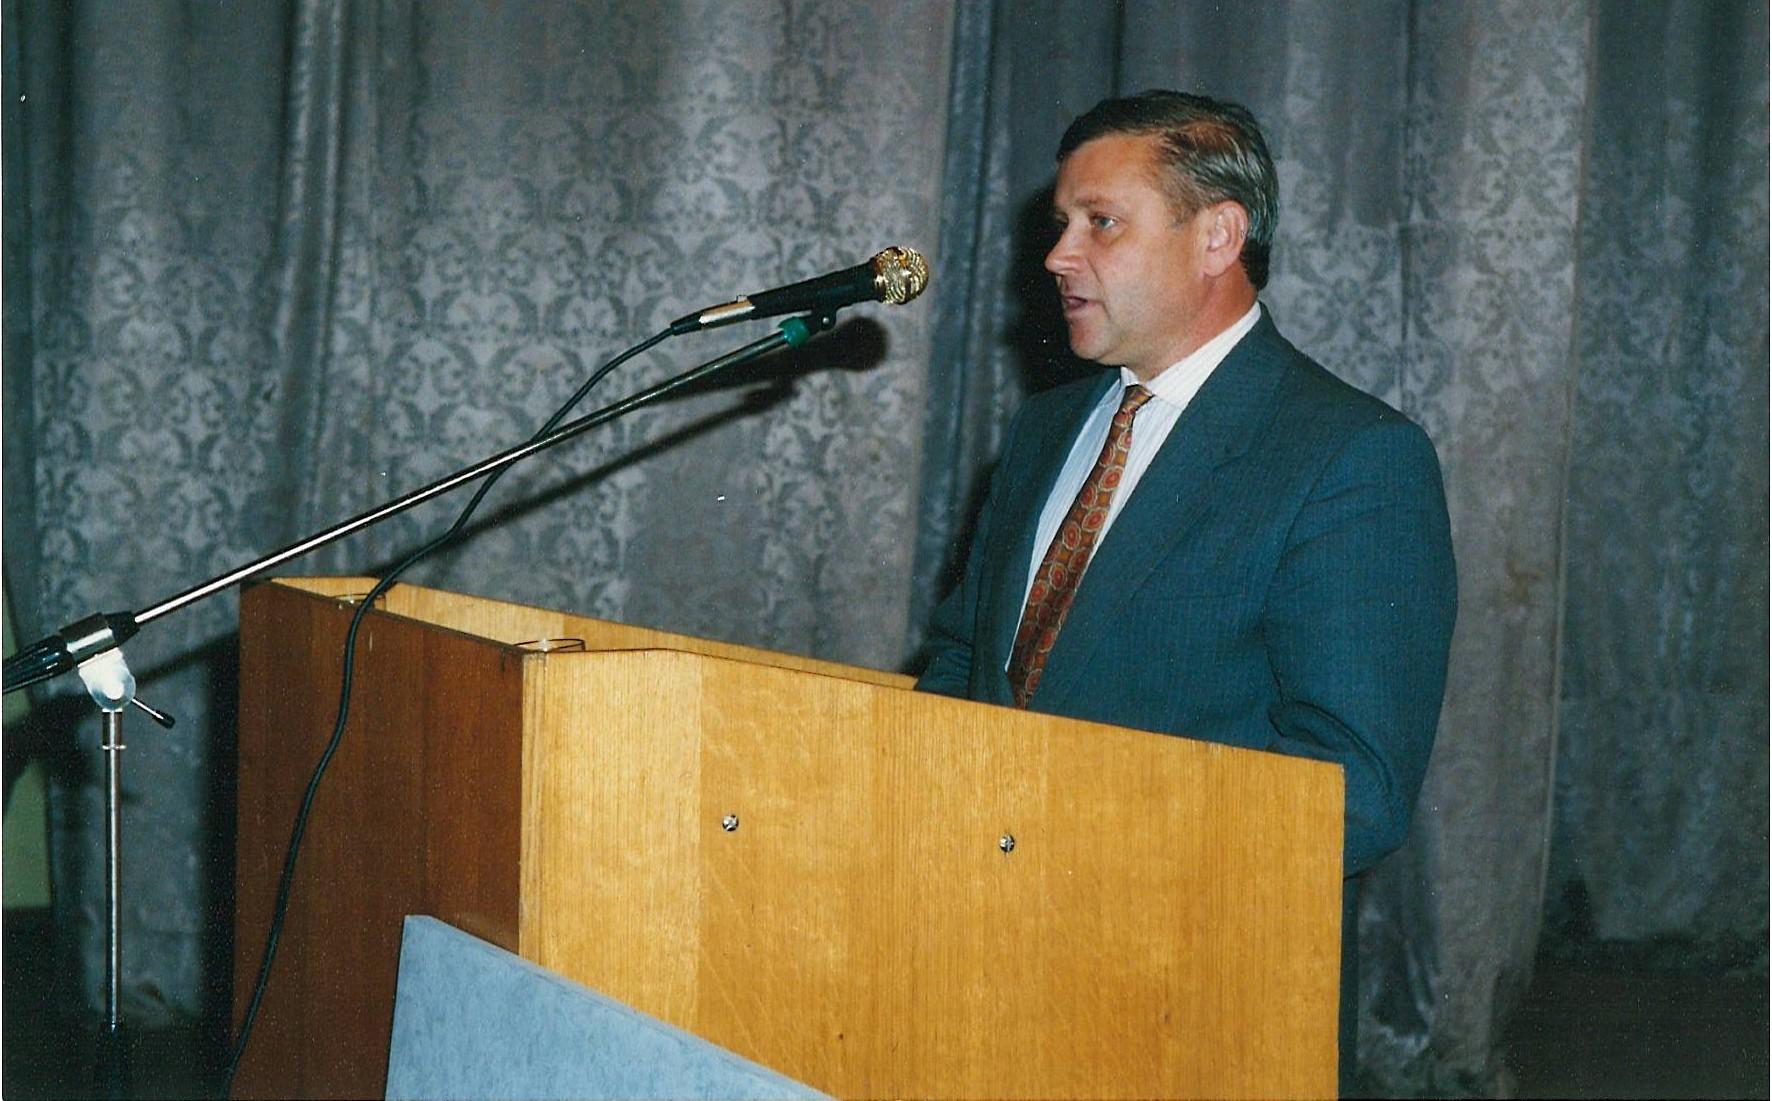 ALEKSANDR ALEKSEYEVICH ZHOLOBOV